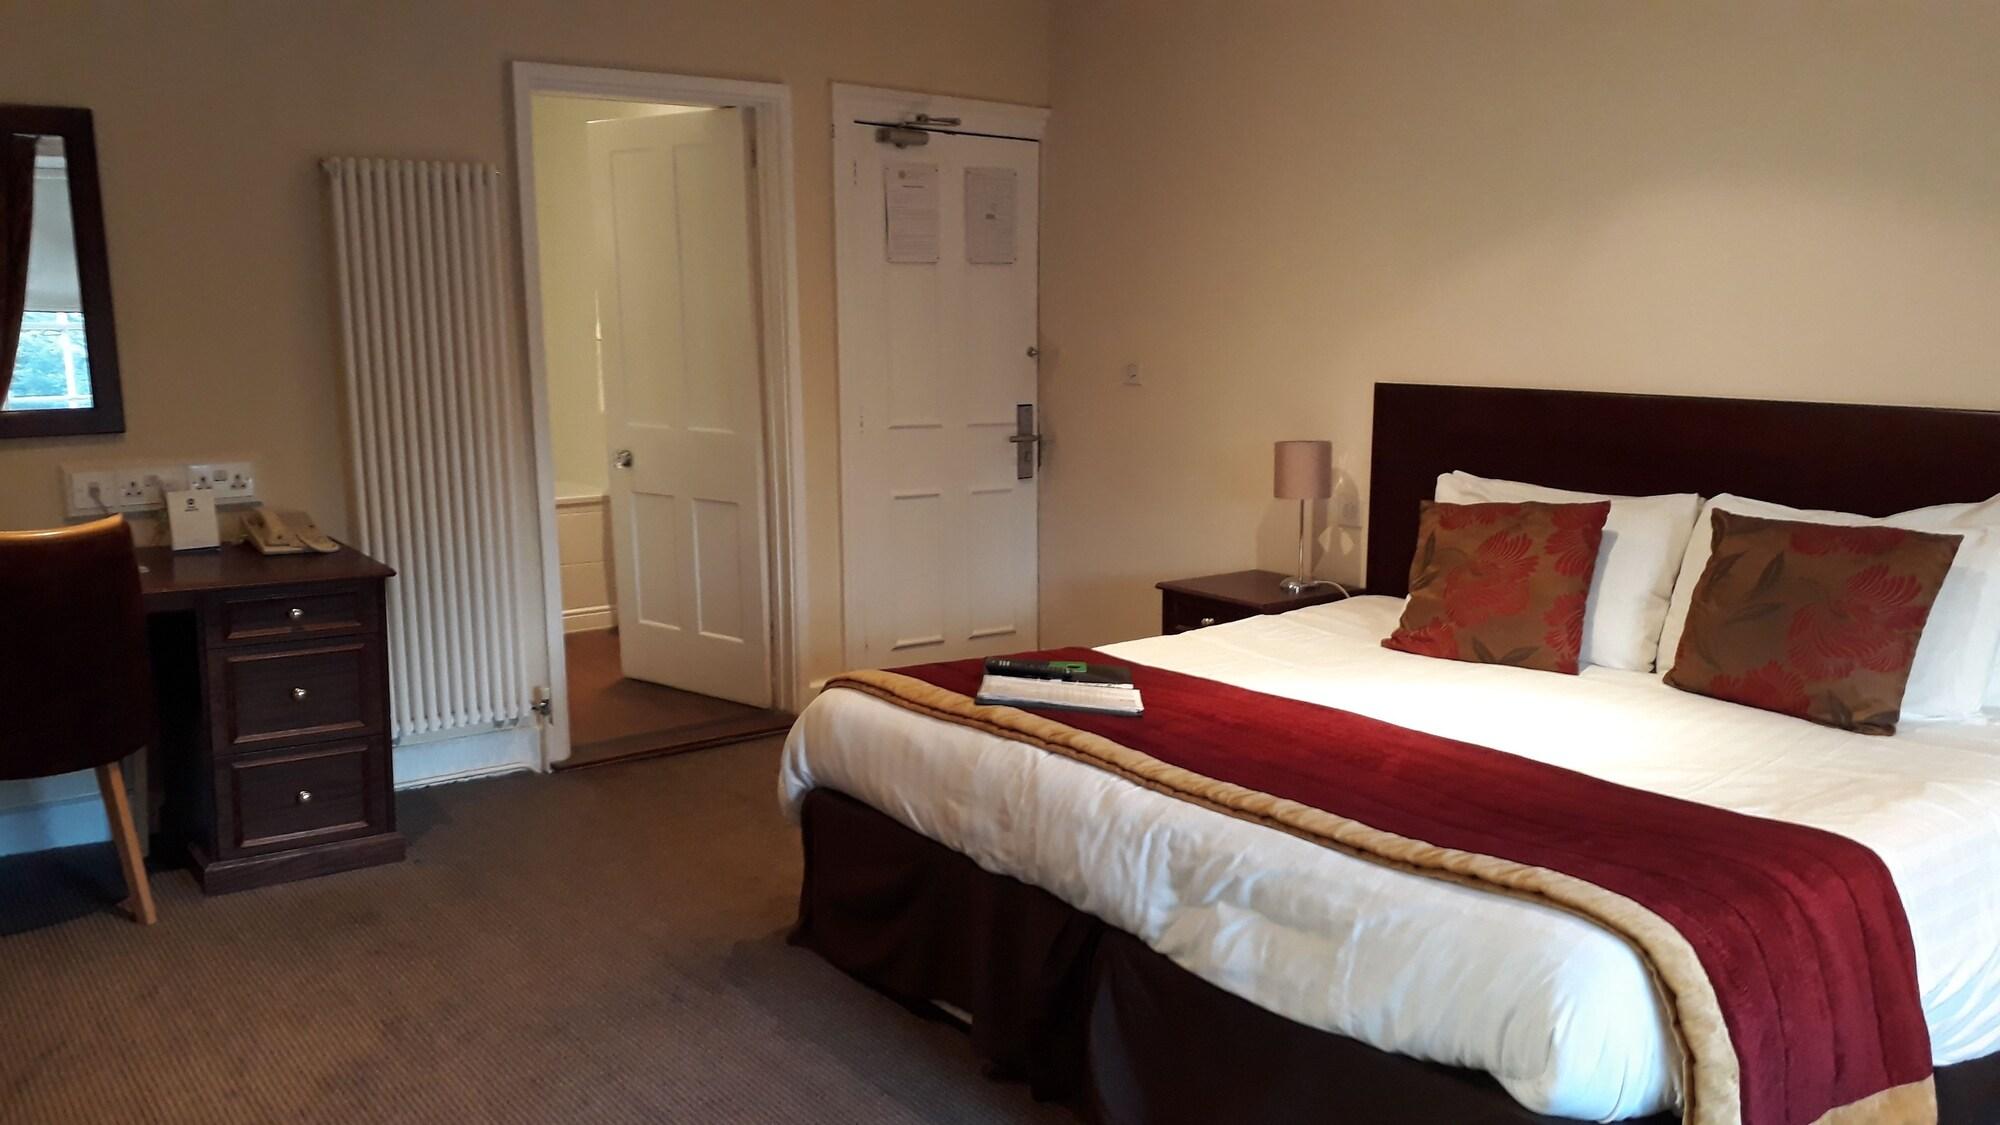 Best Western Priory Hotel, Suffolk